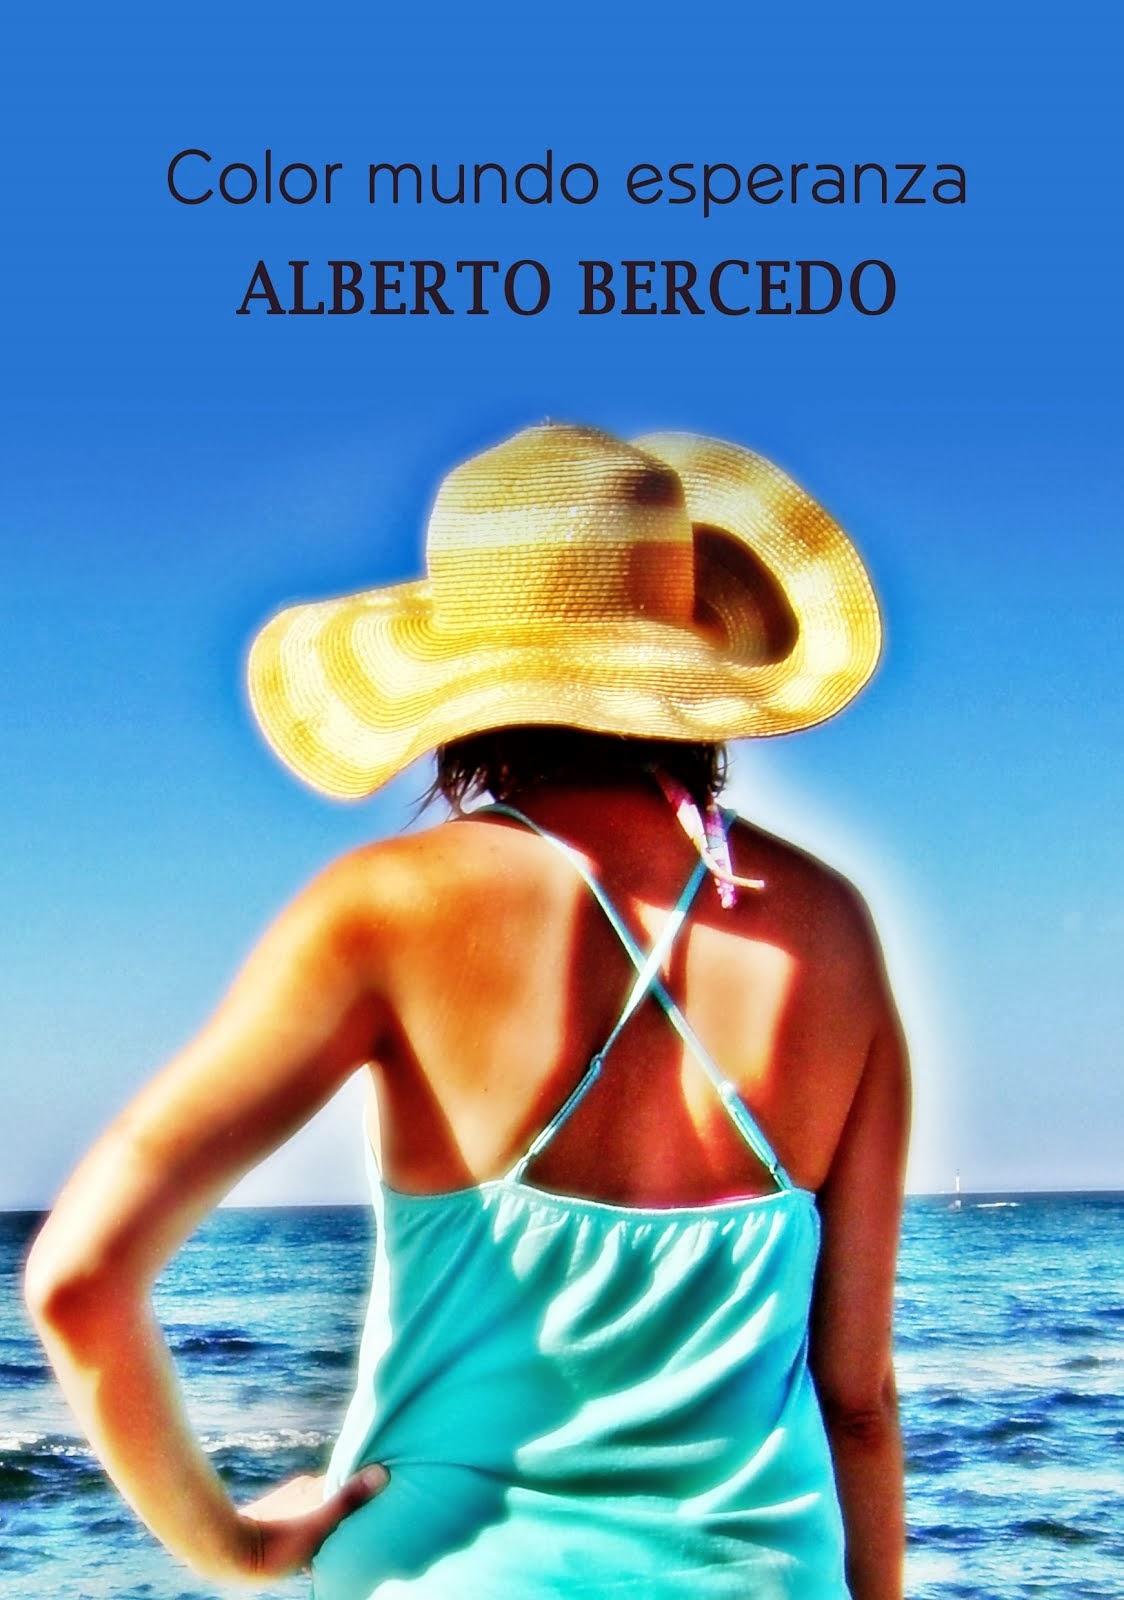 COLOR MUNDO ESPERANZA <br> Alberto Bercedo